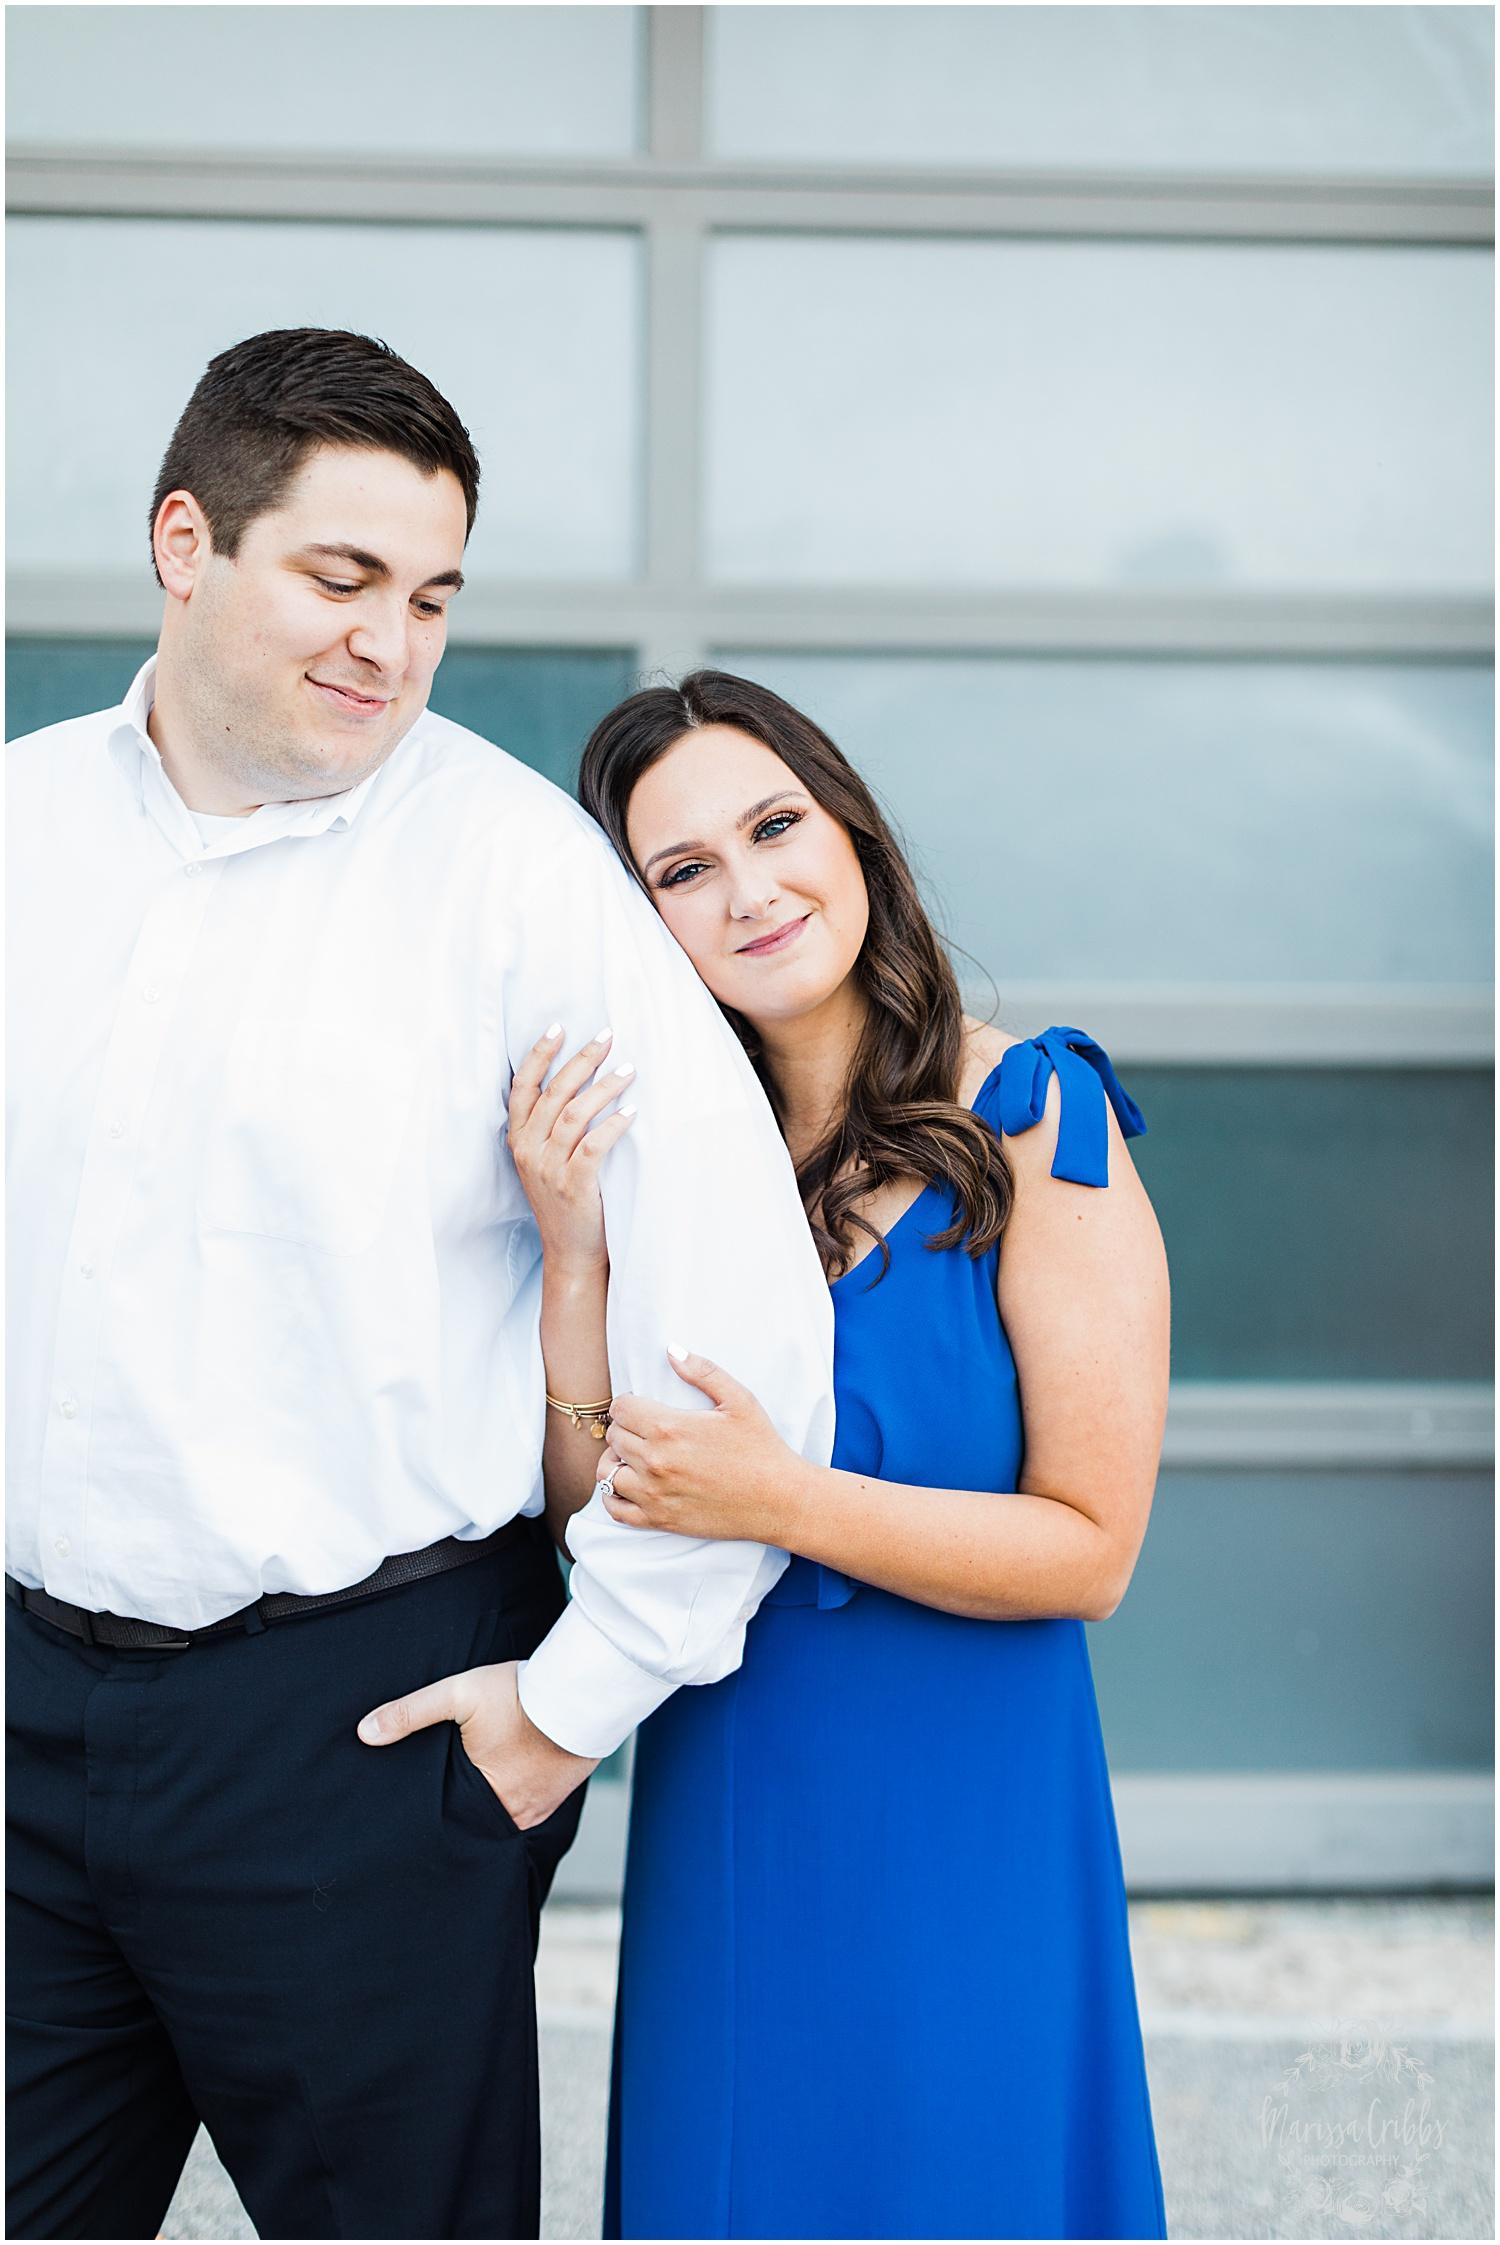 MORGAN & KEVIN ENGAGEMENT BLOG | MARISSA CRIBBS PHOTOGRAPHY_8283.jpg